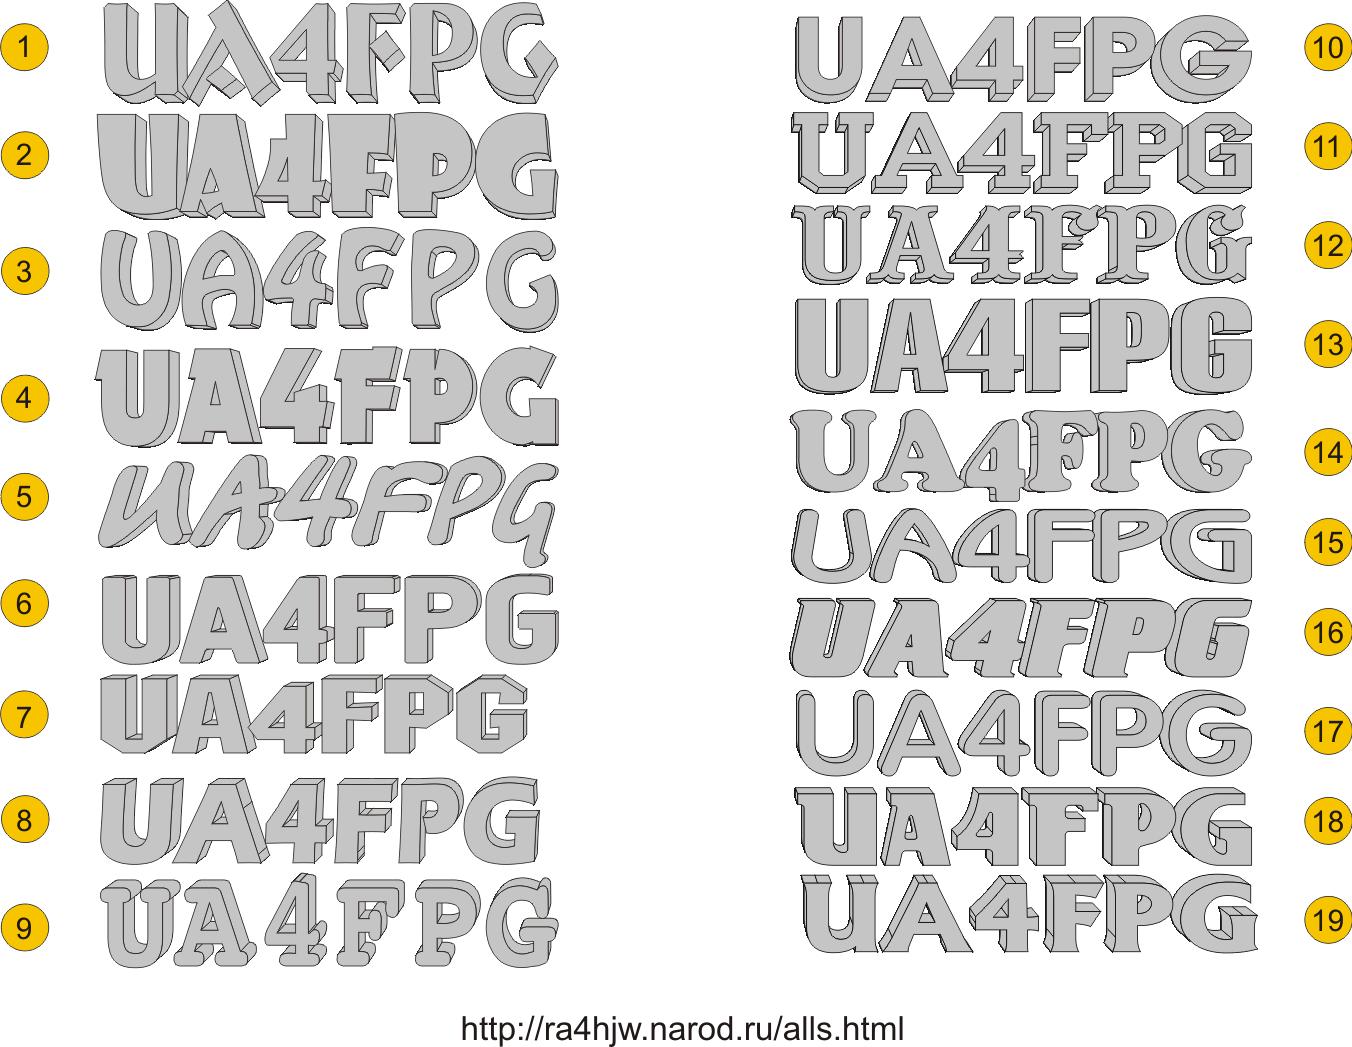 Как сделать необычный шрифт в презентации